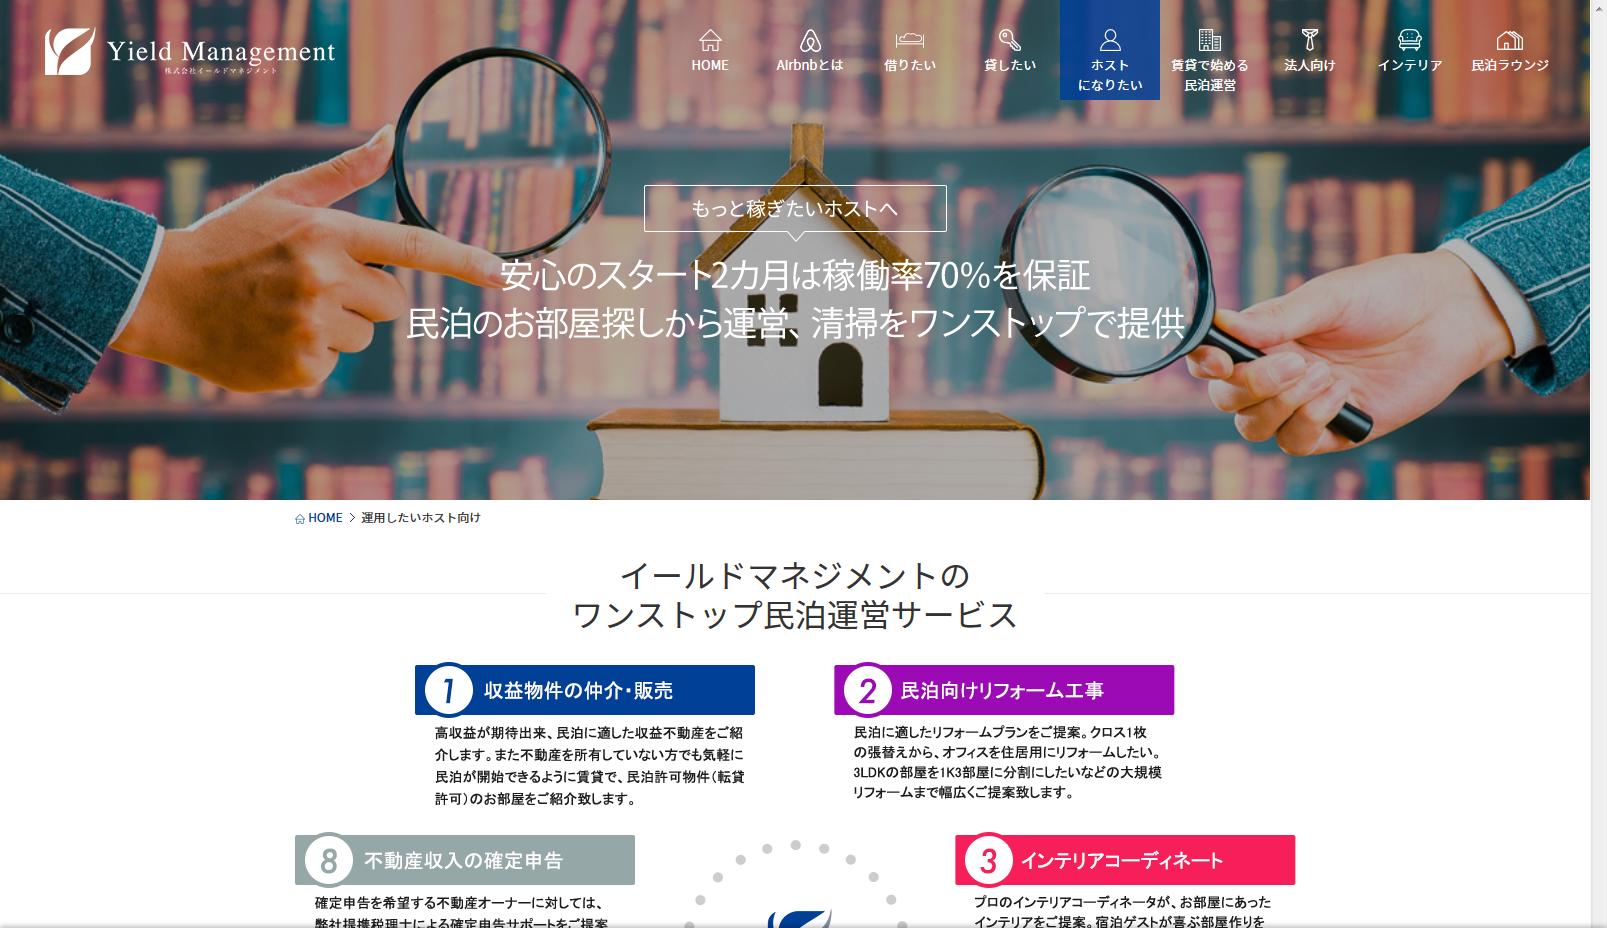 民泊・Airbnb運営代行の株式会社イールドマネジメント